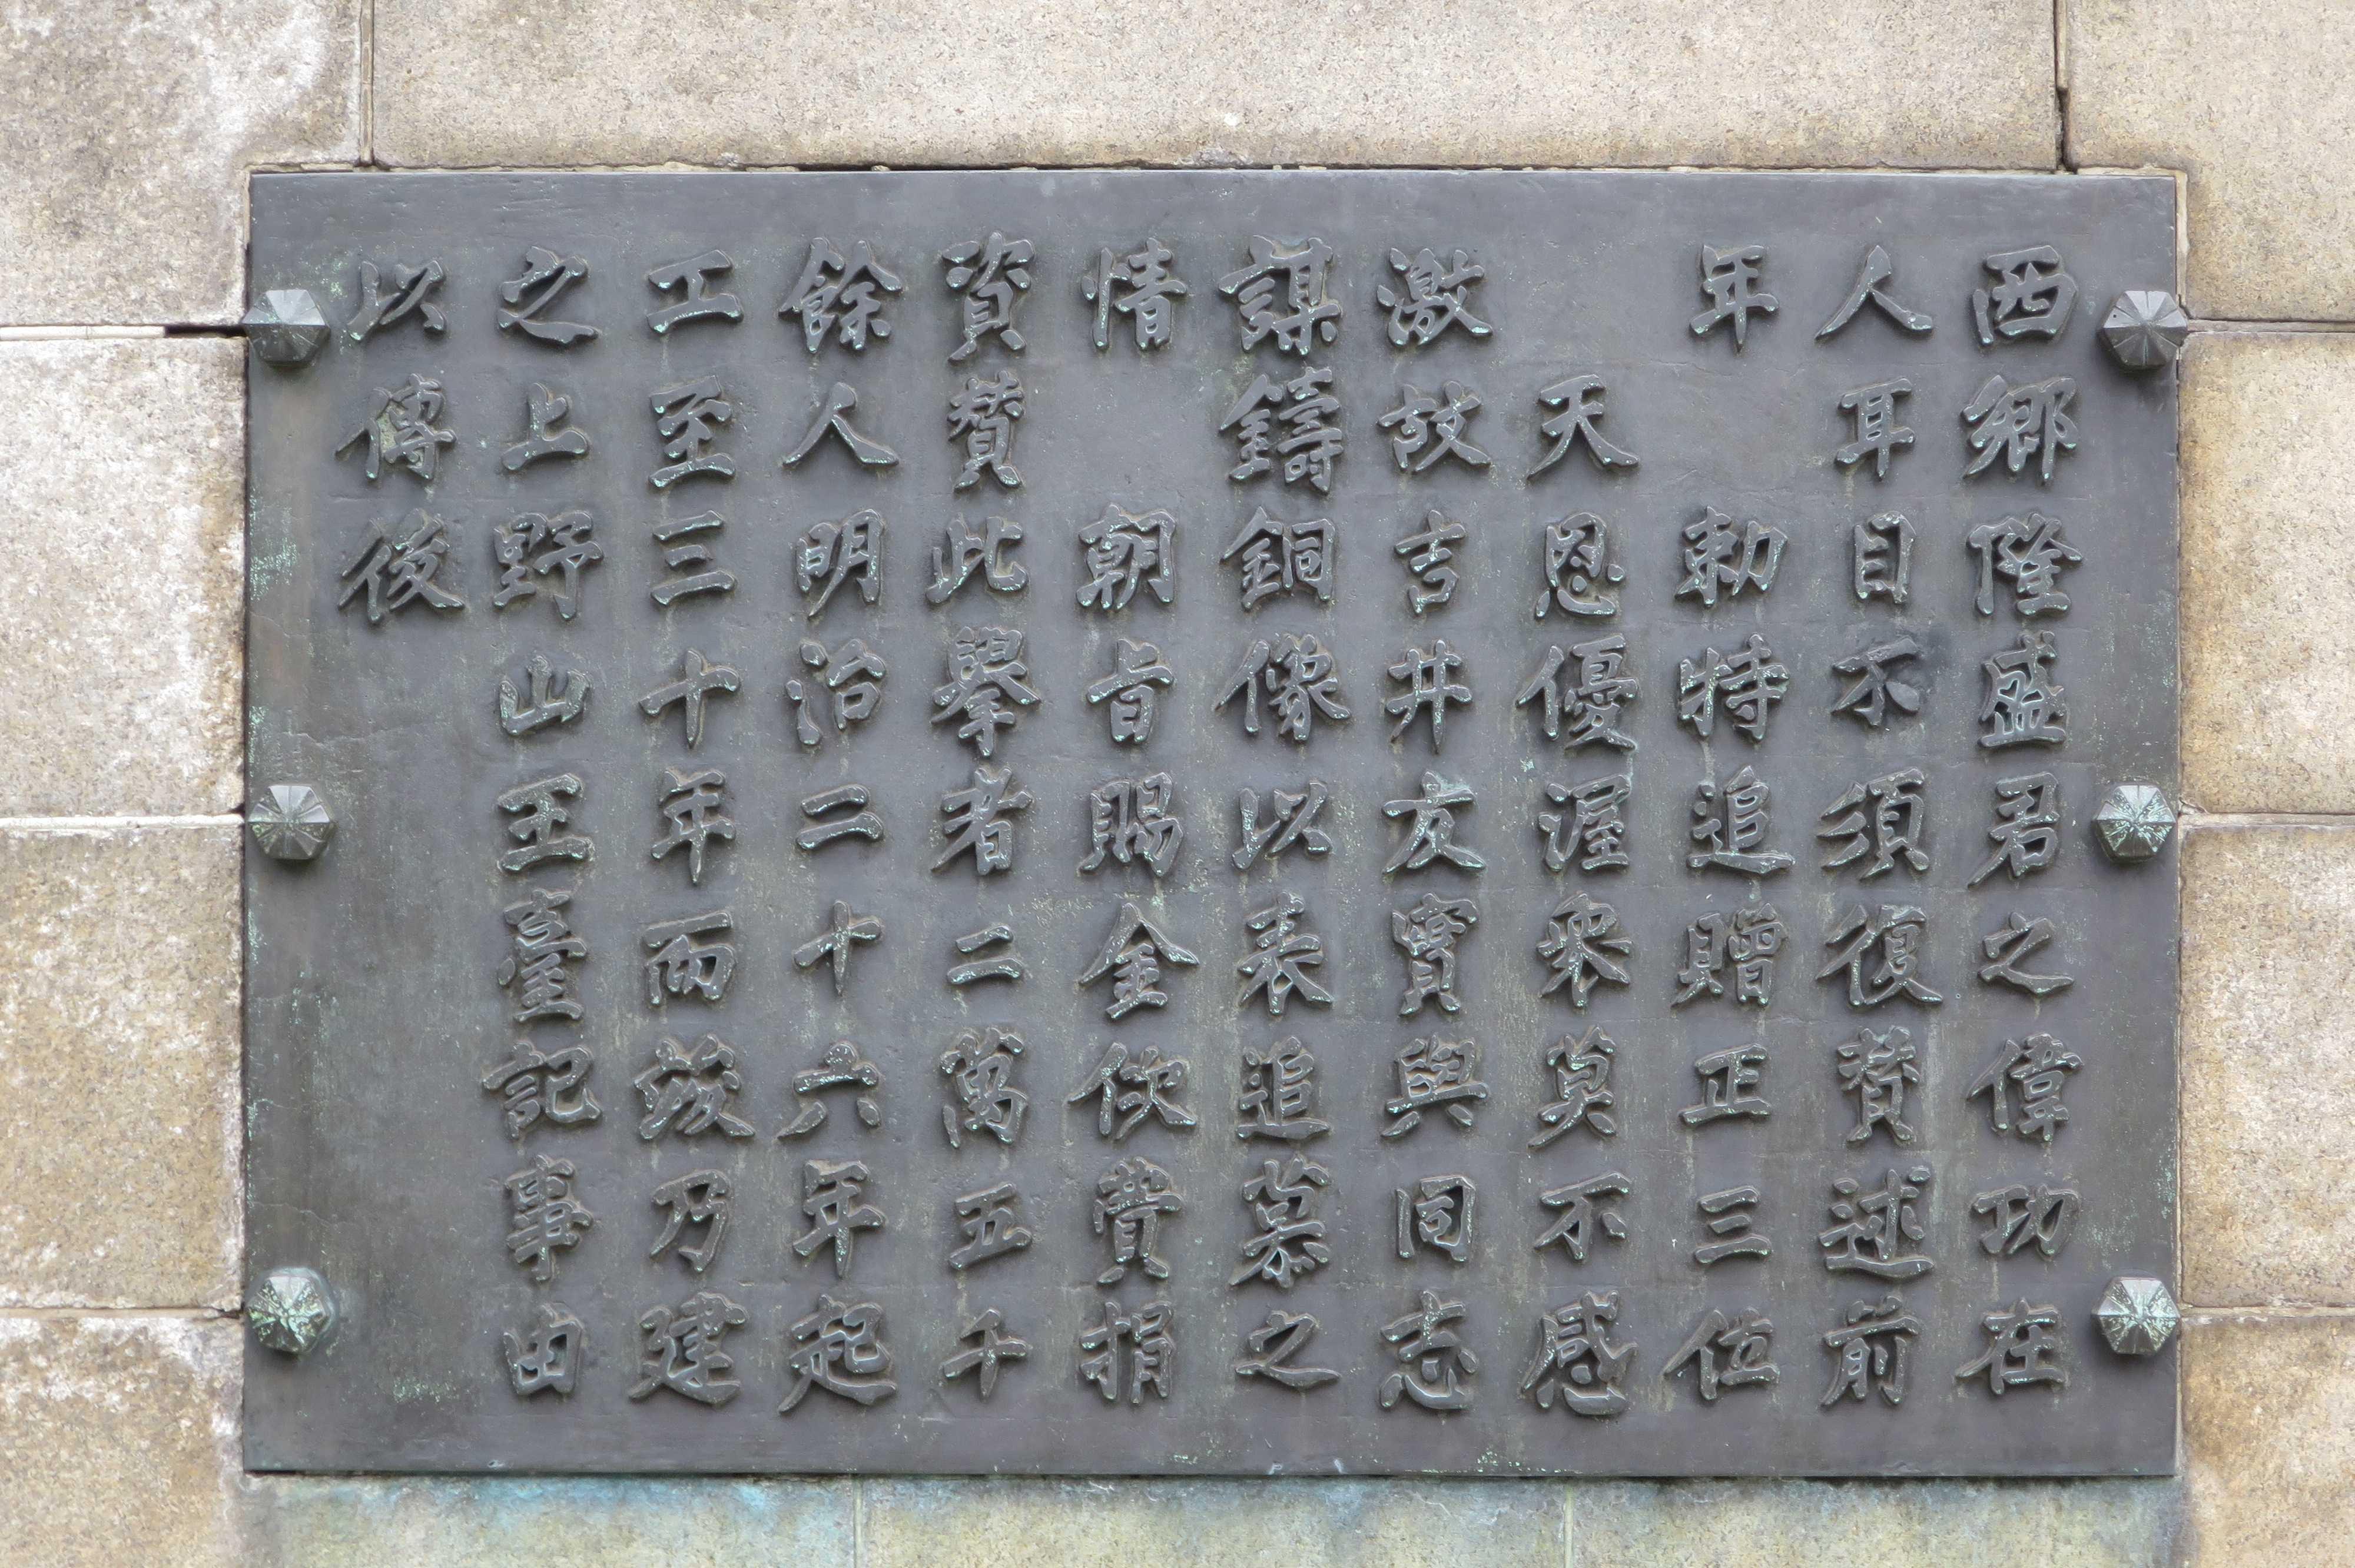 西郷隆盛像の碑文 - 上野公園